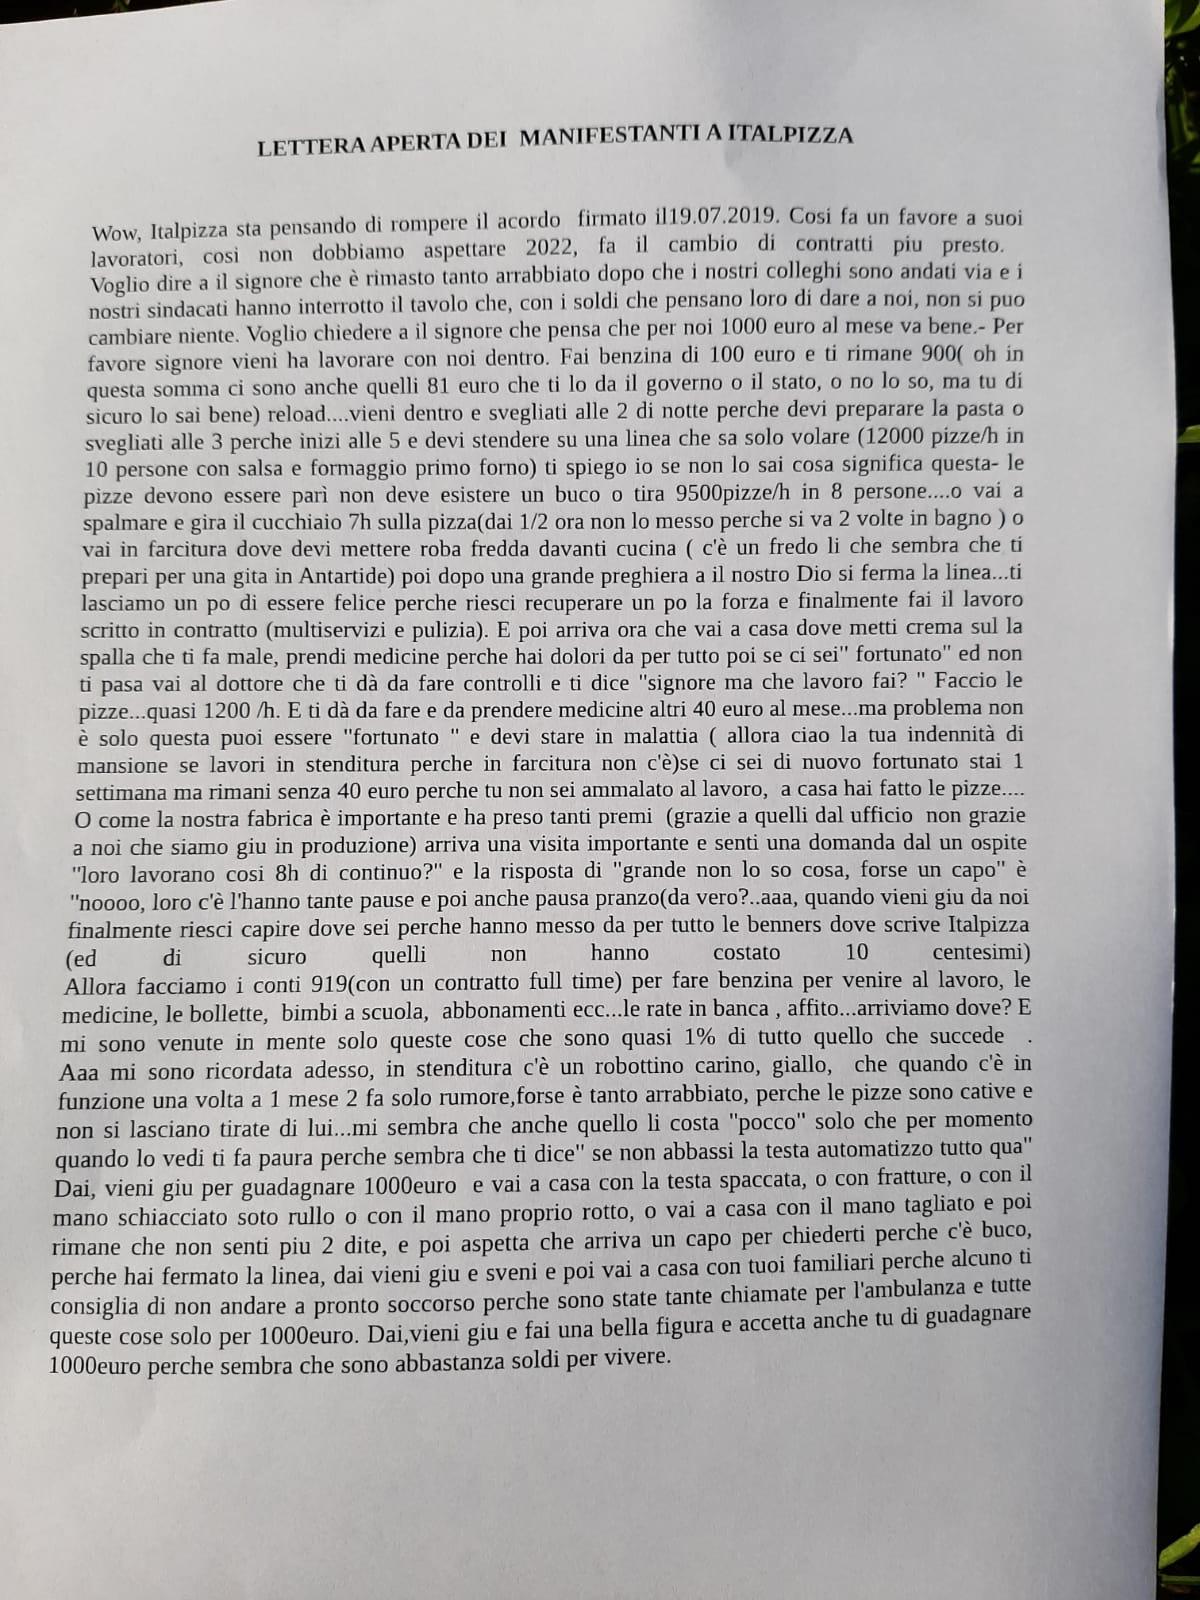 Lettera aperta dei manifestanti alla direzione Italpizza